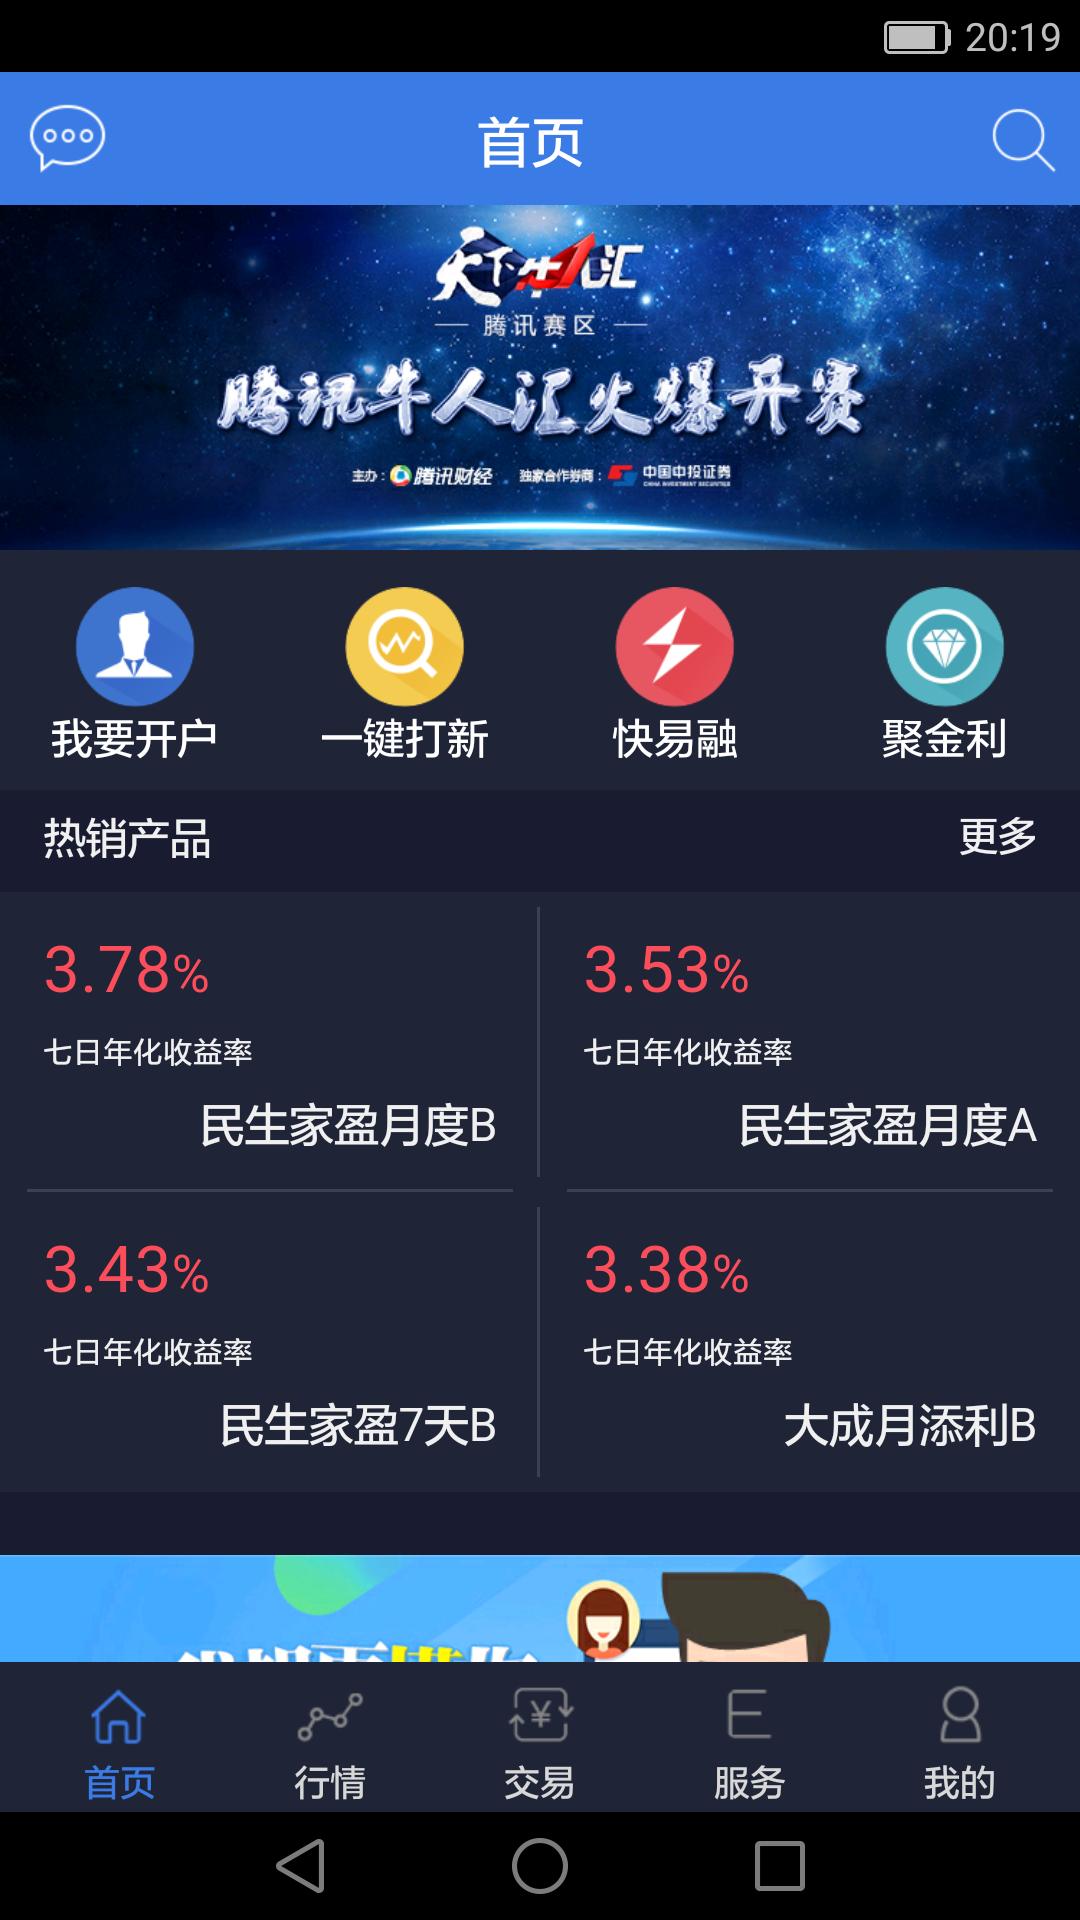 掌中投app官网最新版下载图1: